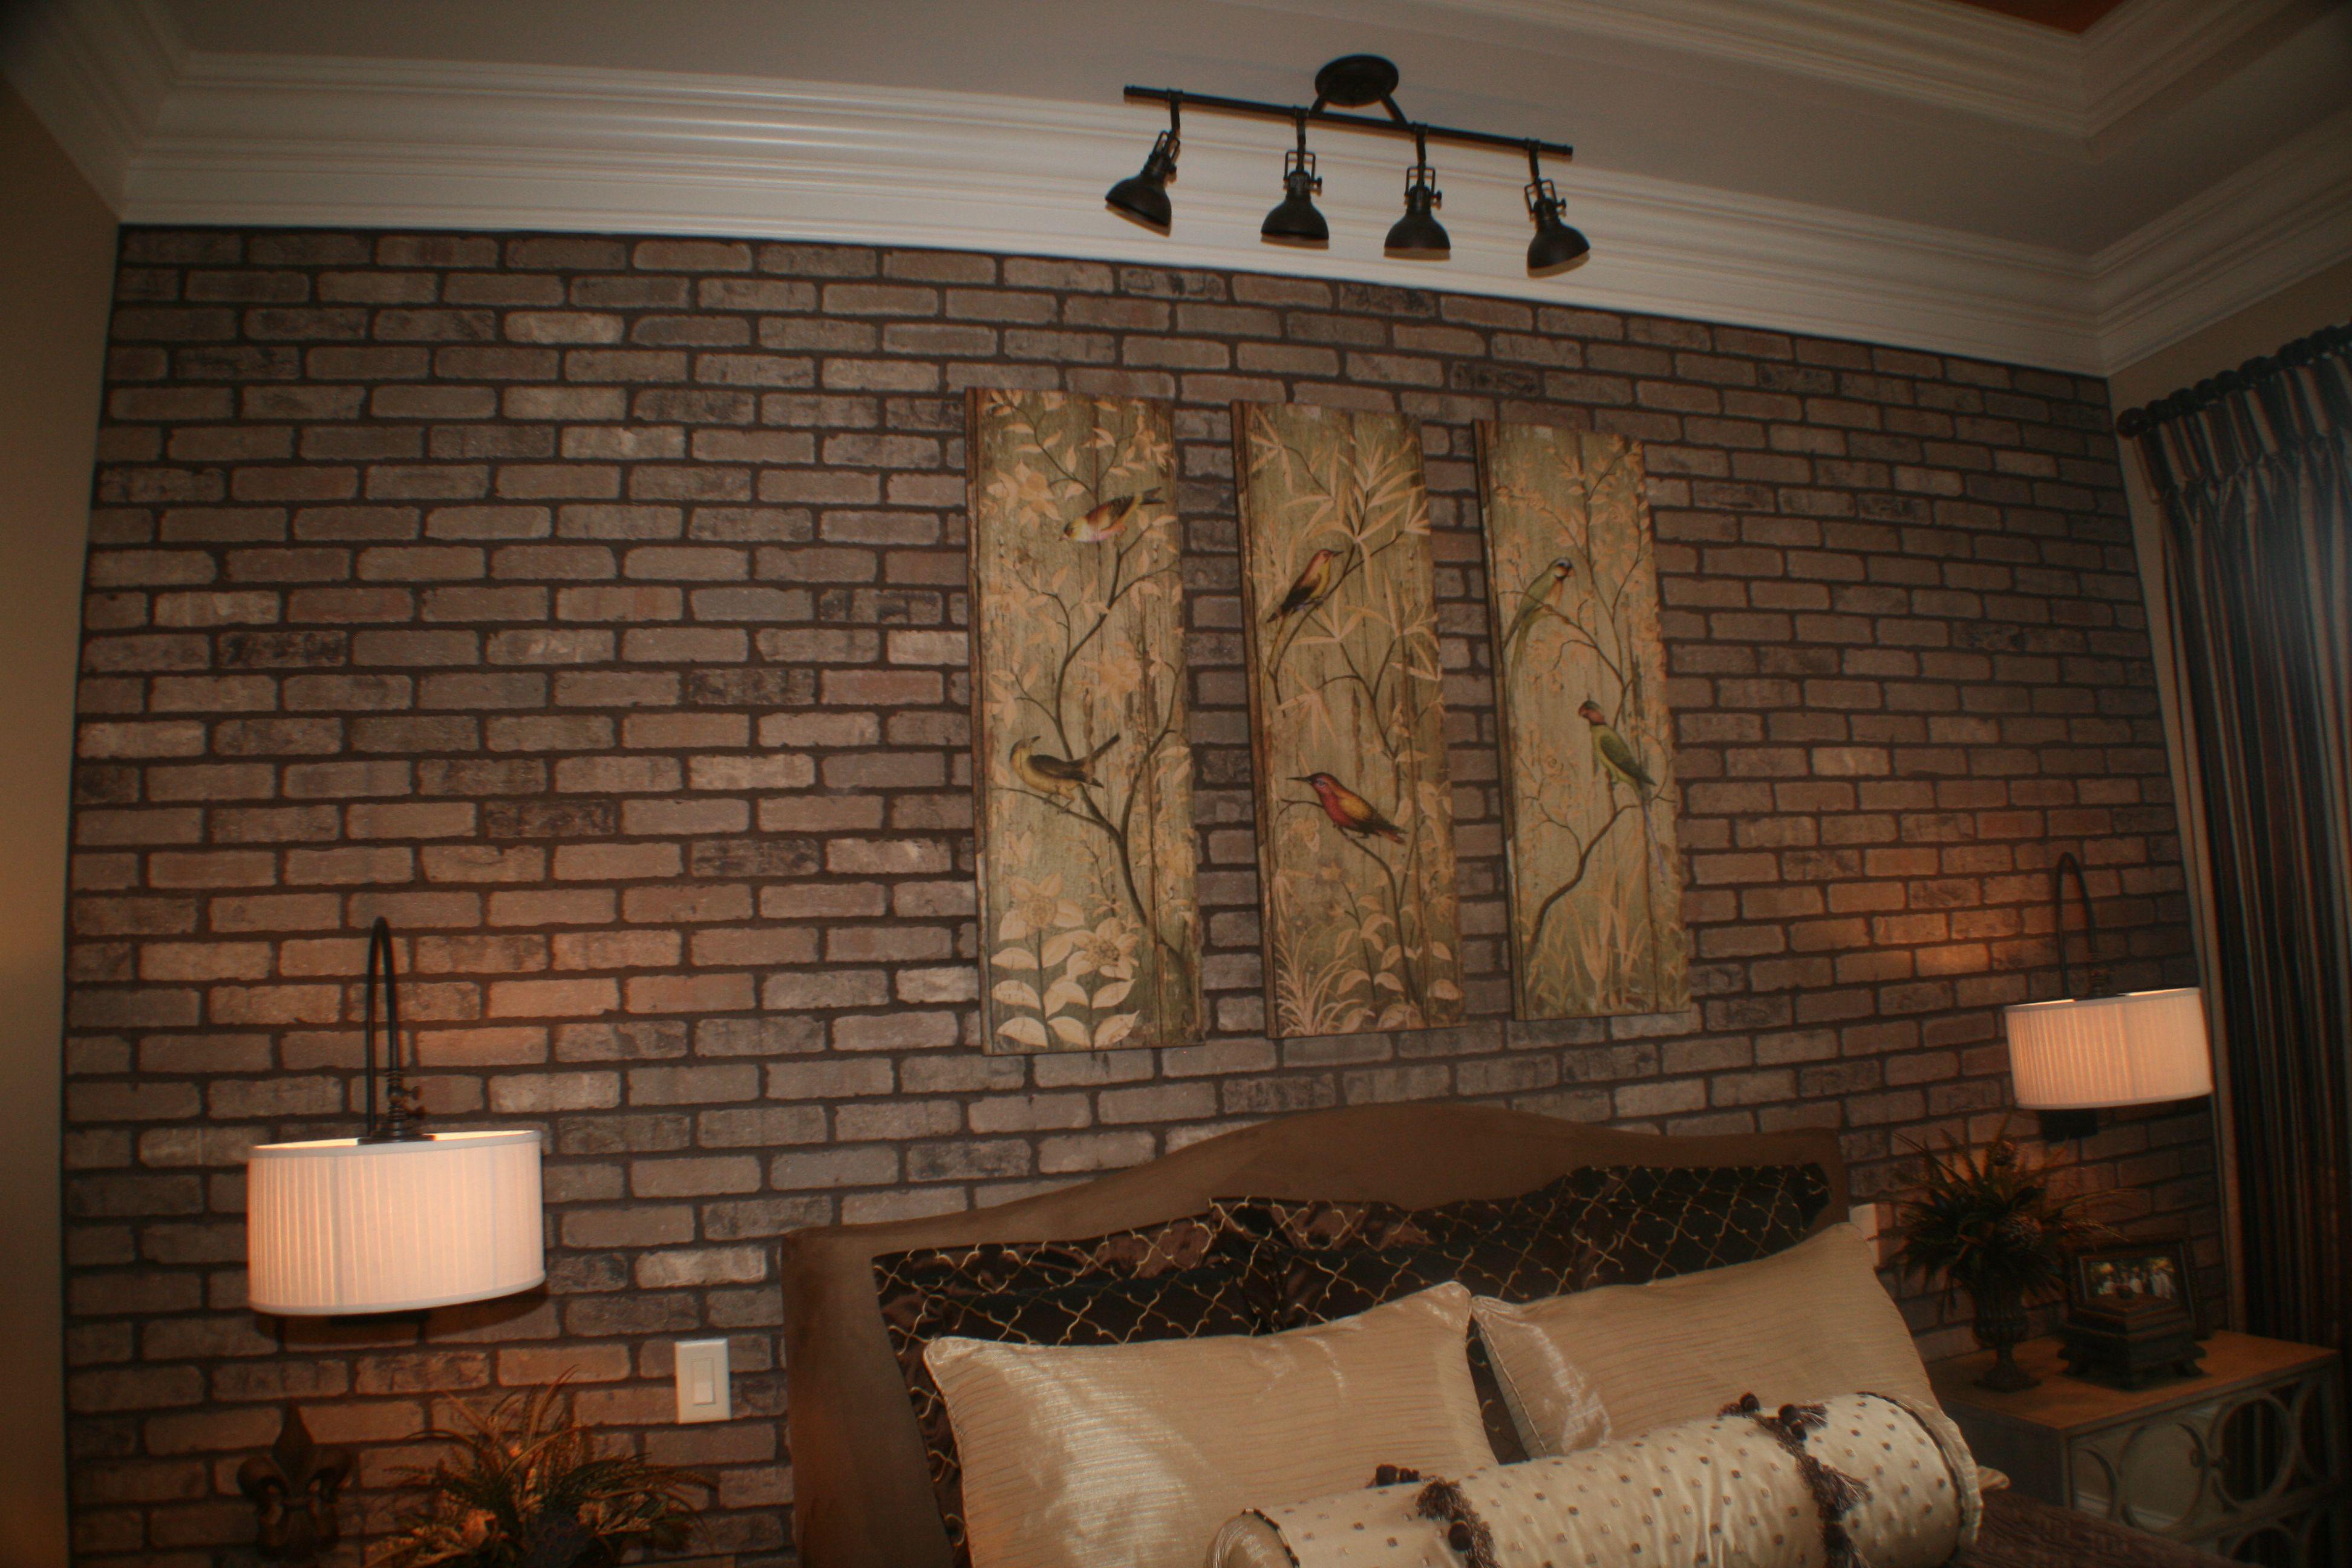 brick wall along back wall of master bedroom interior ideas bedroom rh pinterest de